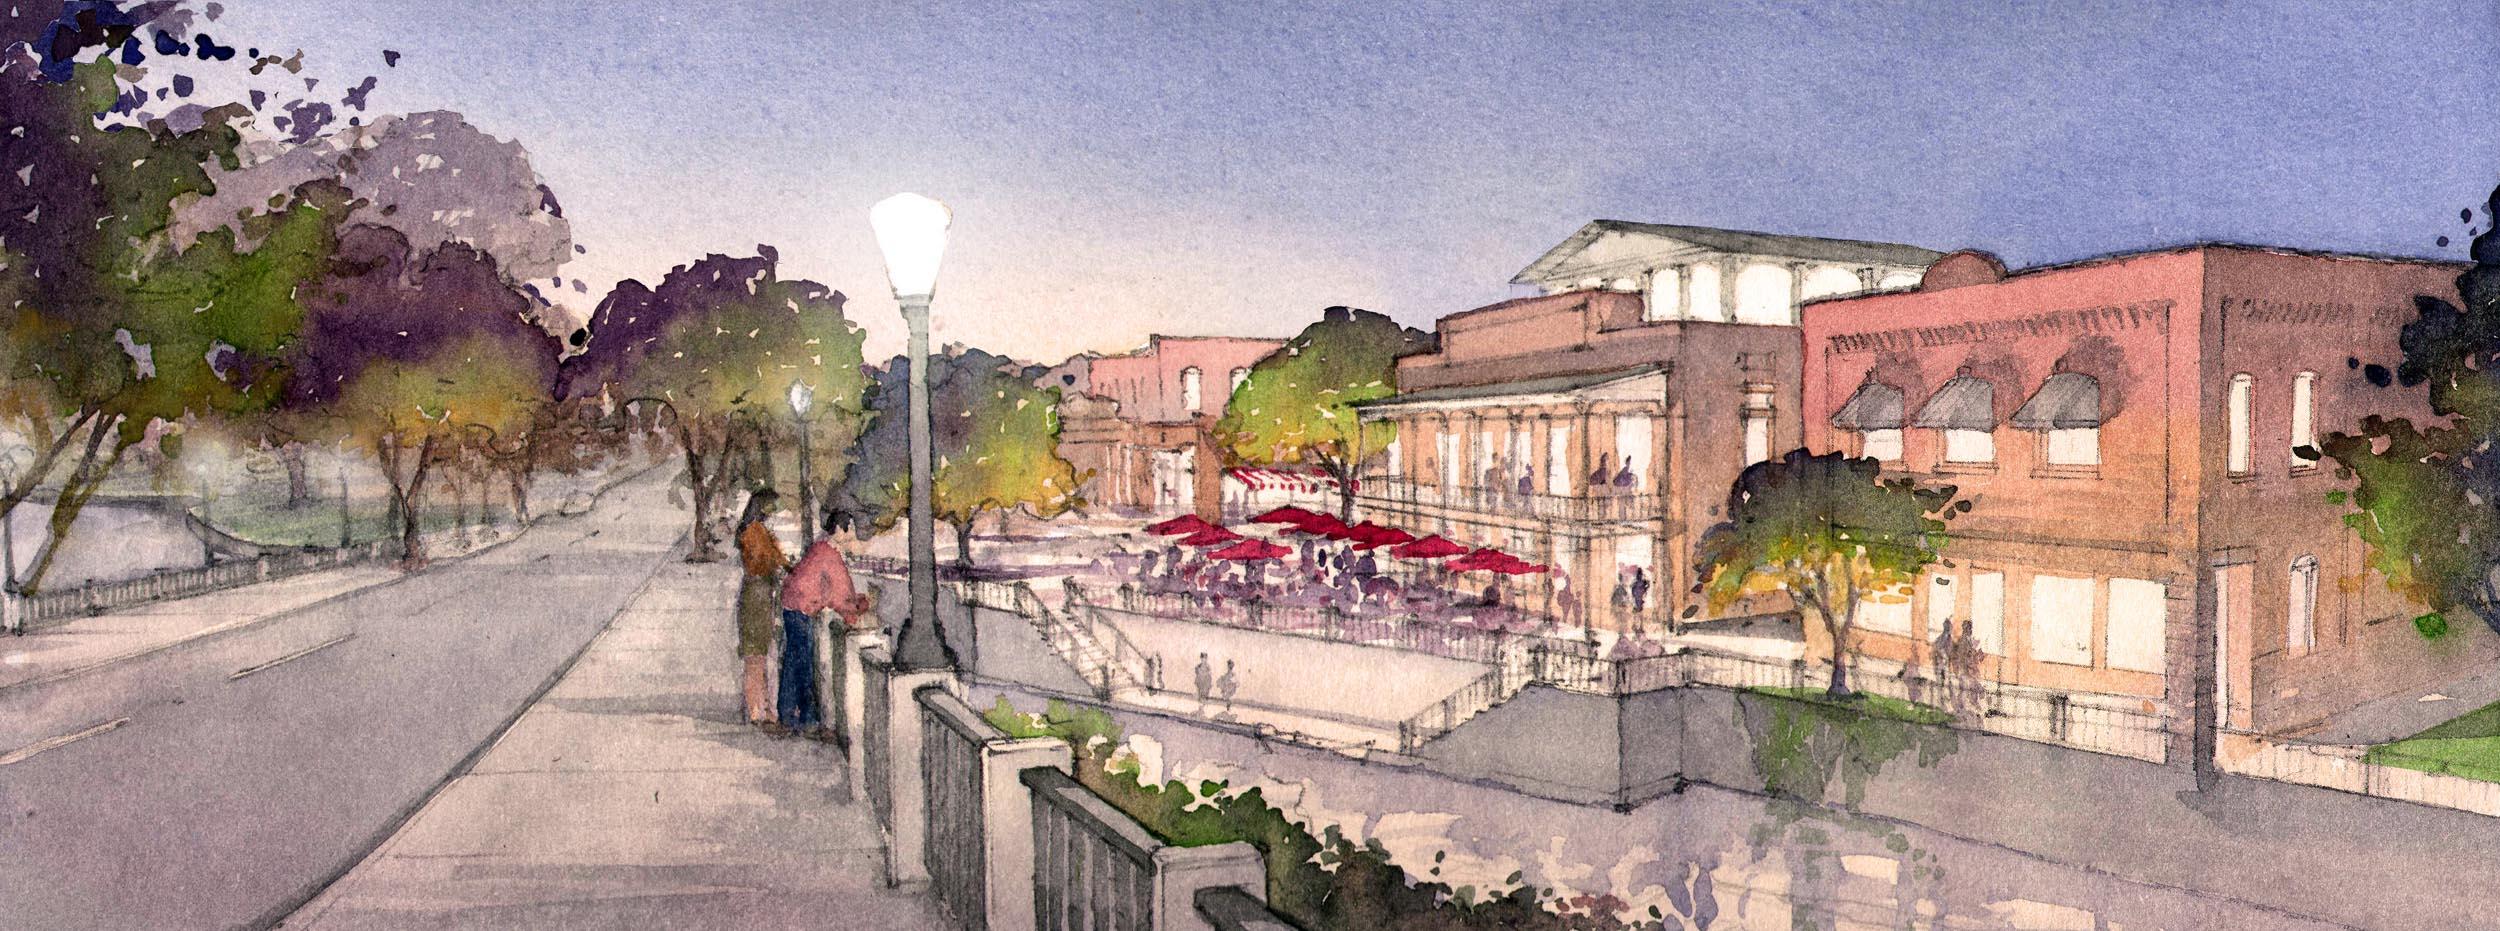 Mt. Olive St Bridge - Proposed